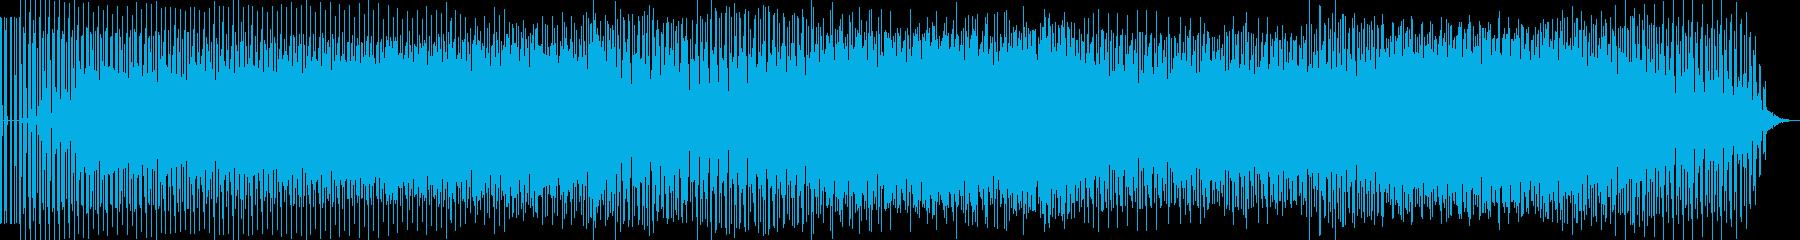 劇伴 ミドルテンポのミニマルテクノの再生済みの波形